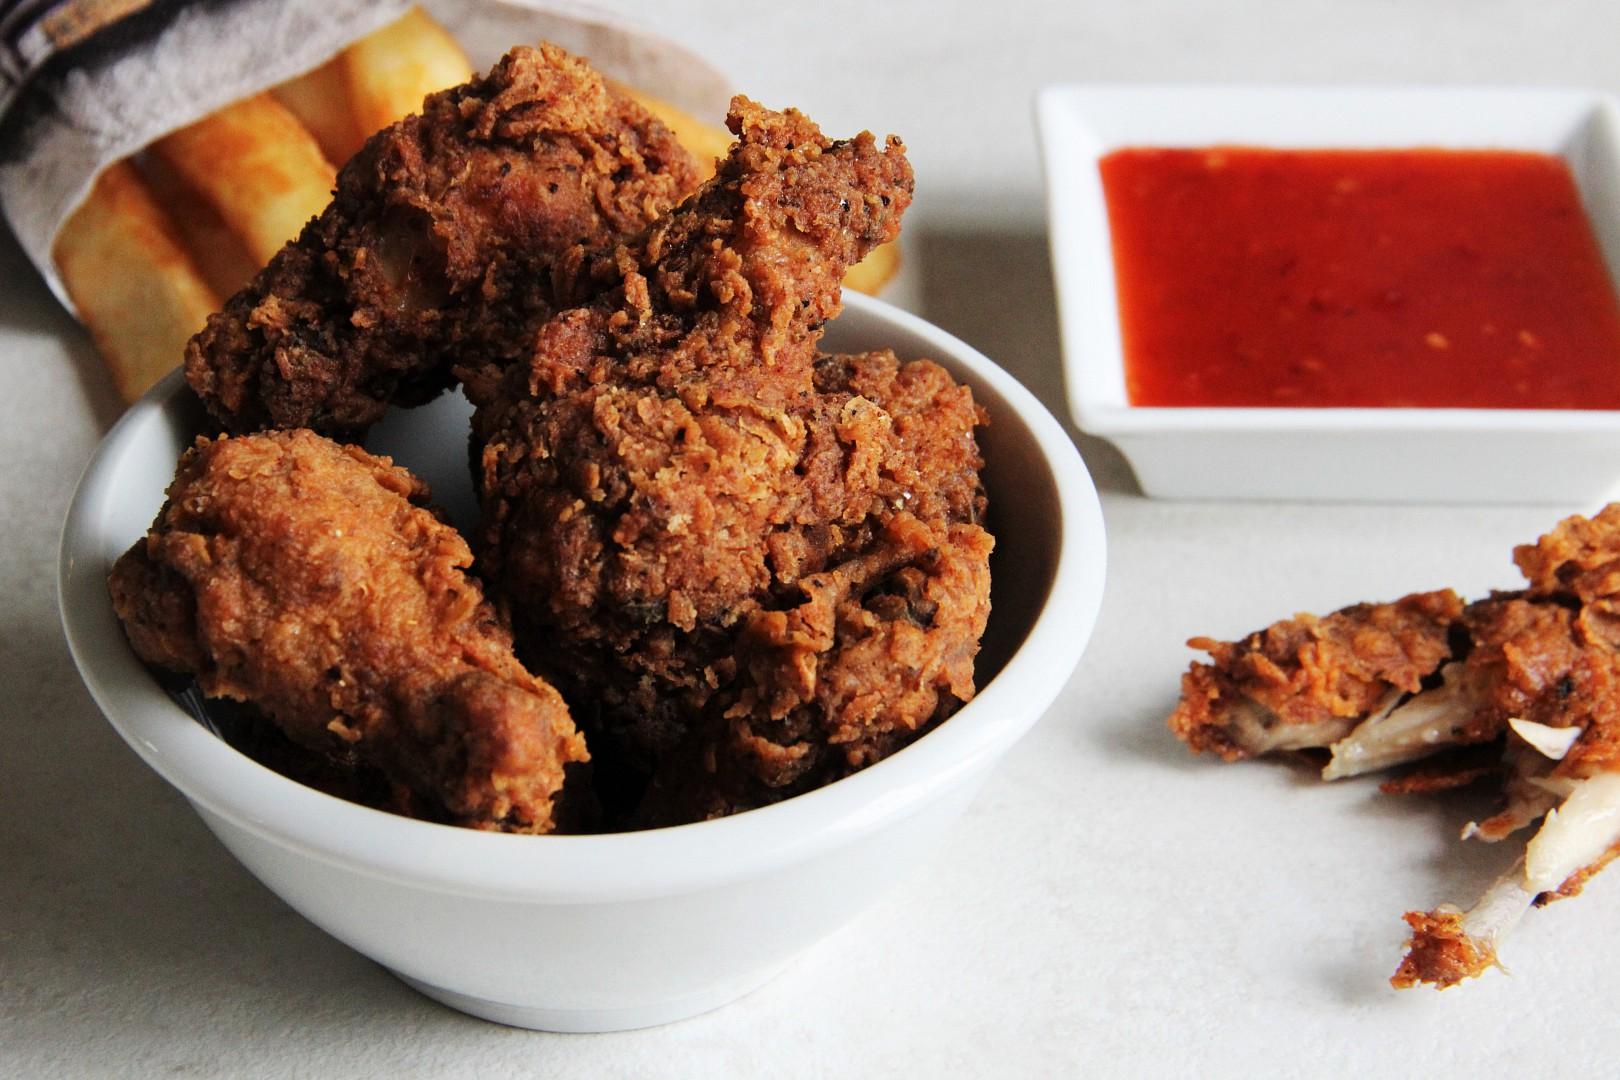 Hot wings - kuřecí křidélka KFC